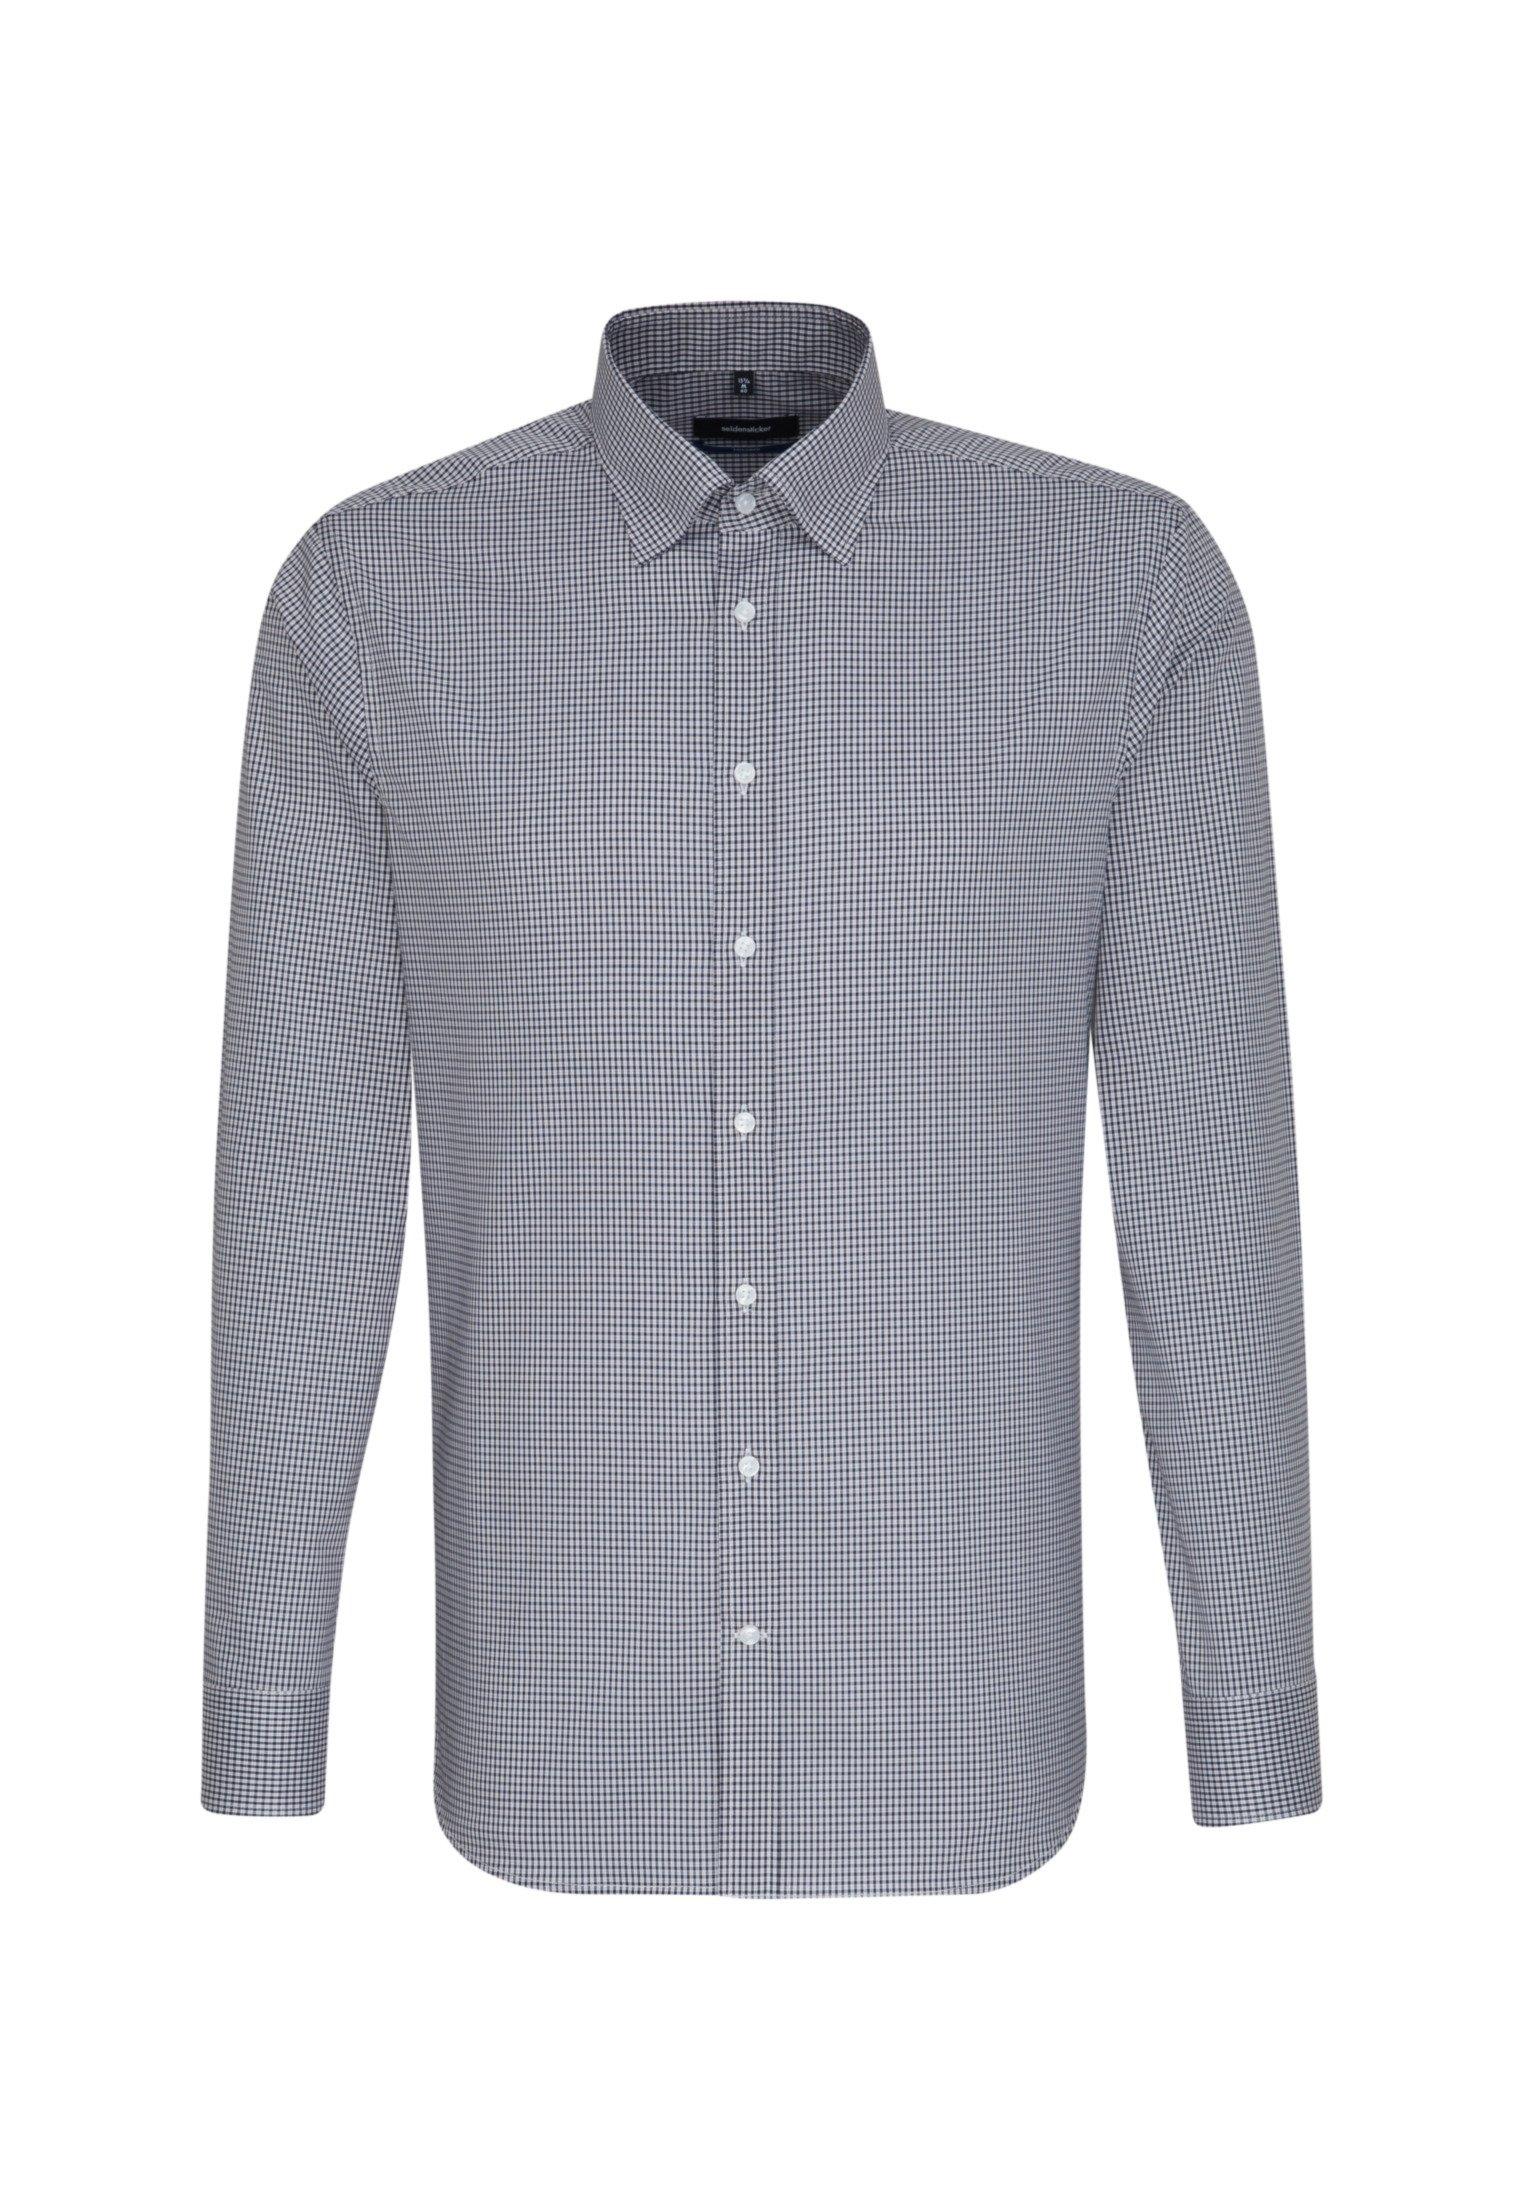 seidensticker businessoverhemd »Shaped« goedkoop op otto.nl kopen